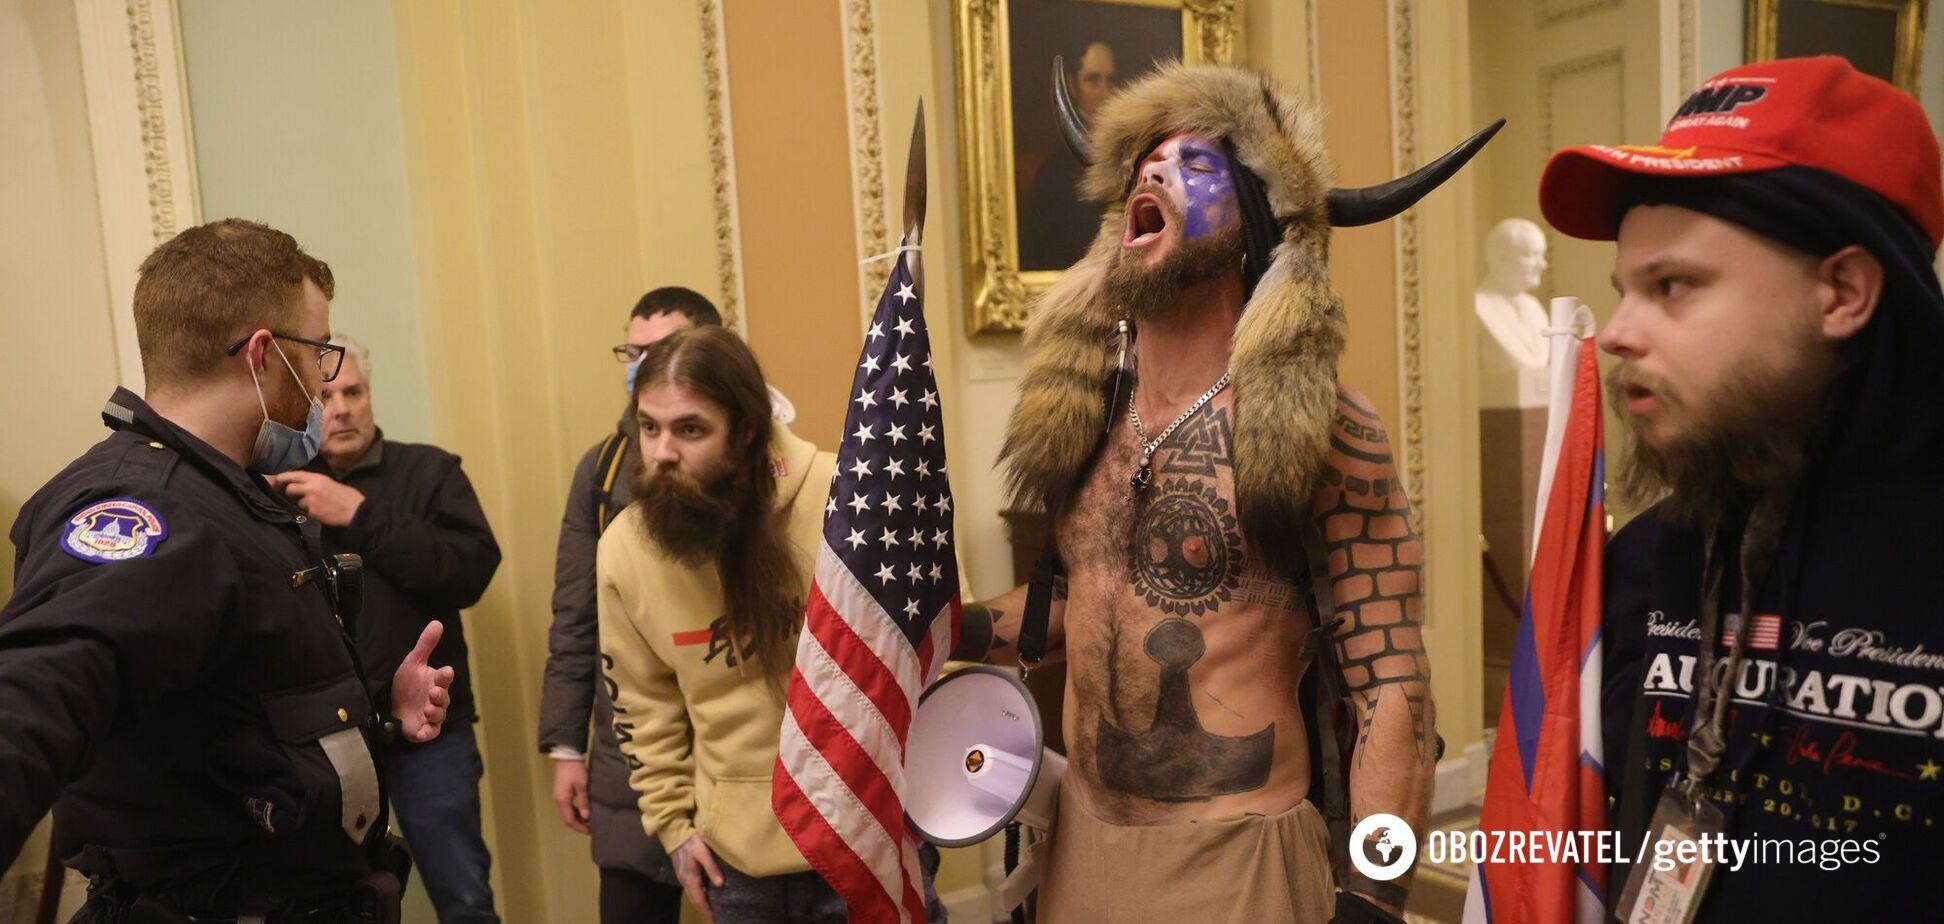 В сети распространили фейковое предсказание из 'Симпсонов' о штурме Капитолия США. Фото